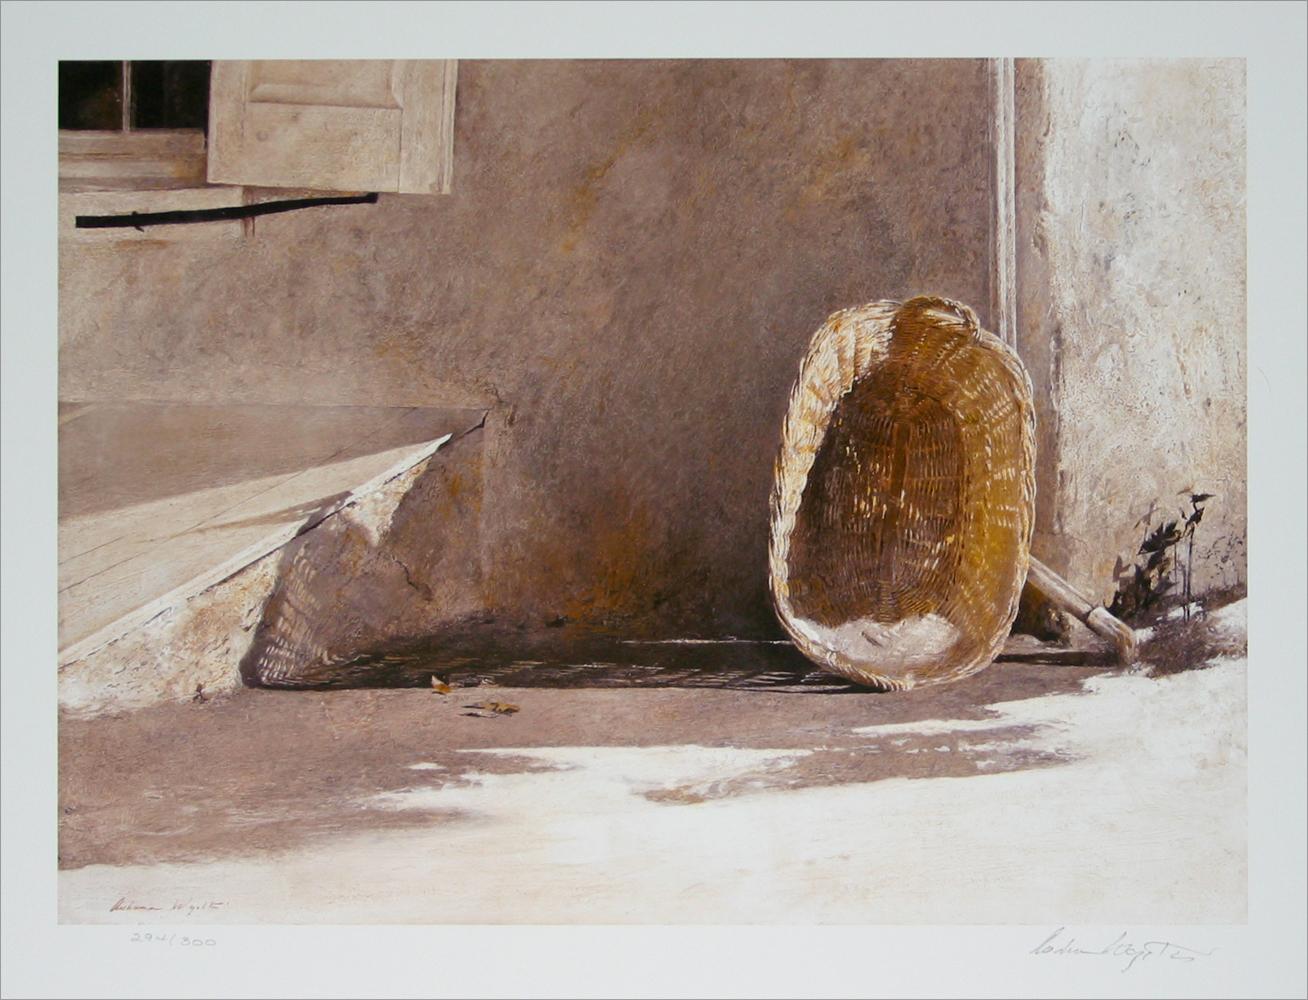 安德鲁·怀斯 Wyeth Andrew - 水木白艺术坊 - 贵阳画室 高考美术培训